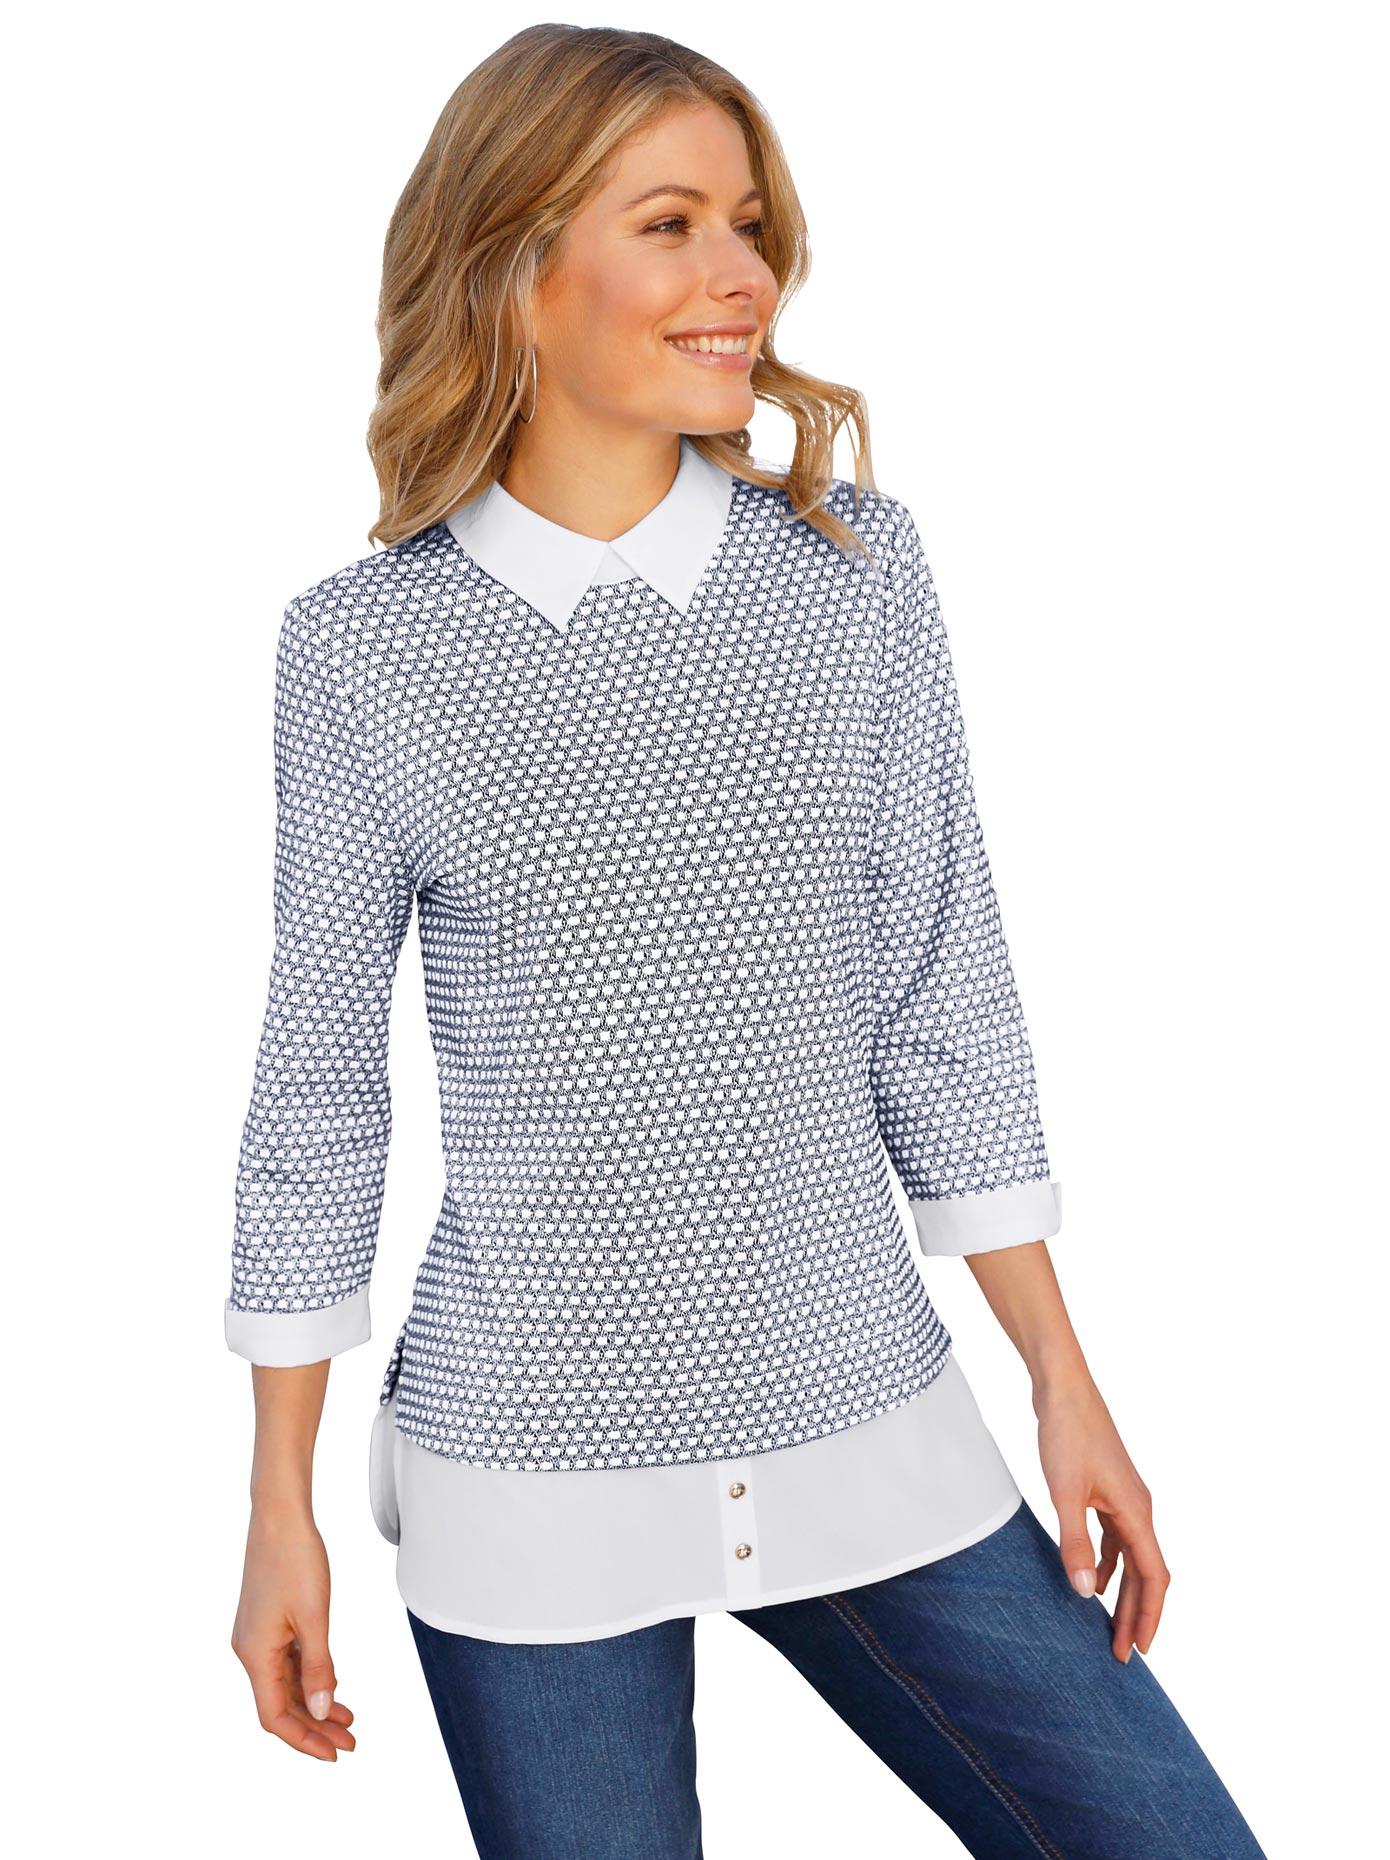 Classic Inspirationen Shirt mit Schlingenknopf-Verschluss   Bekleidung > Shirts > Sonstige Shirts   Blau   Jacquard   Classic Inspirationen